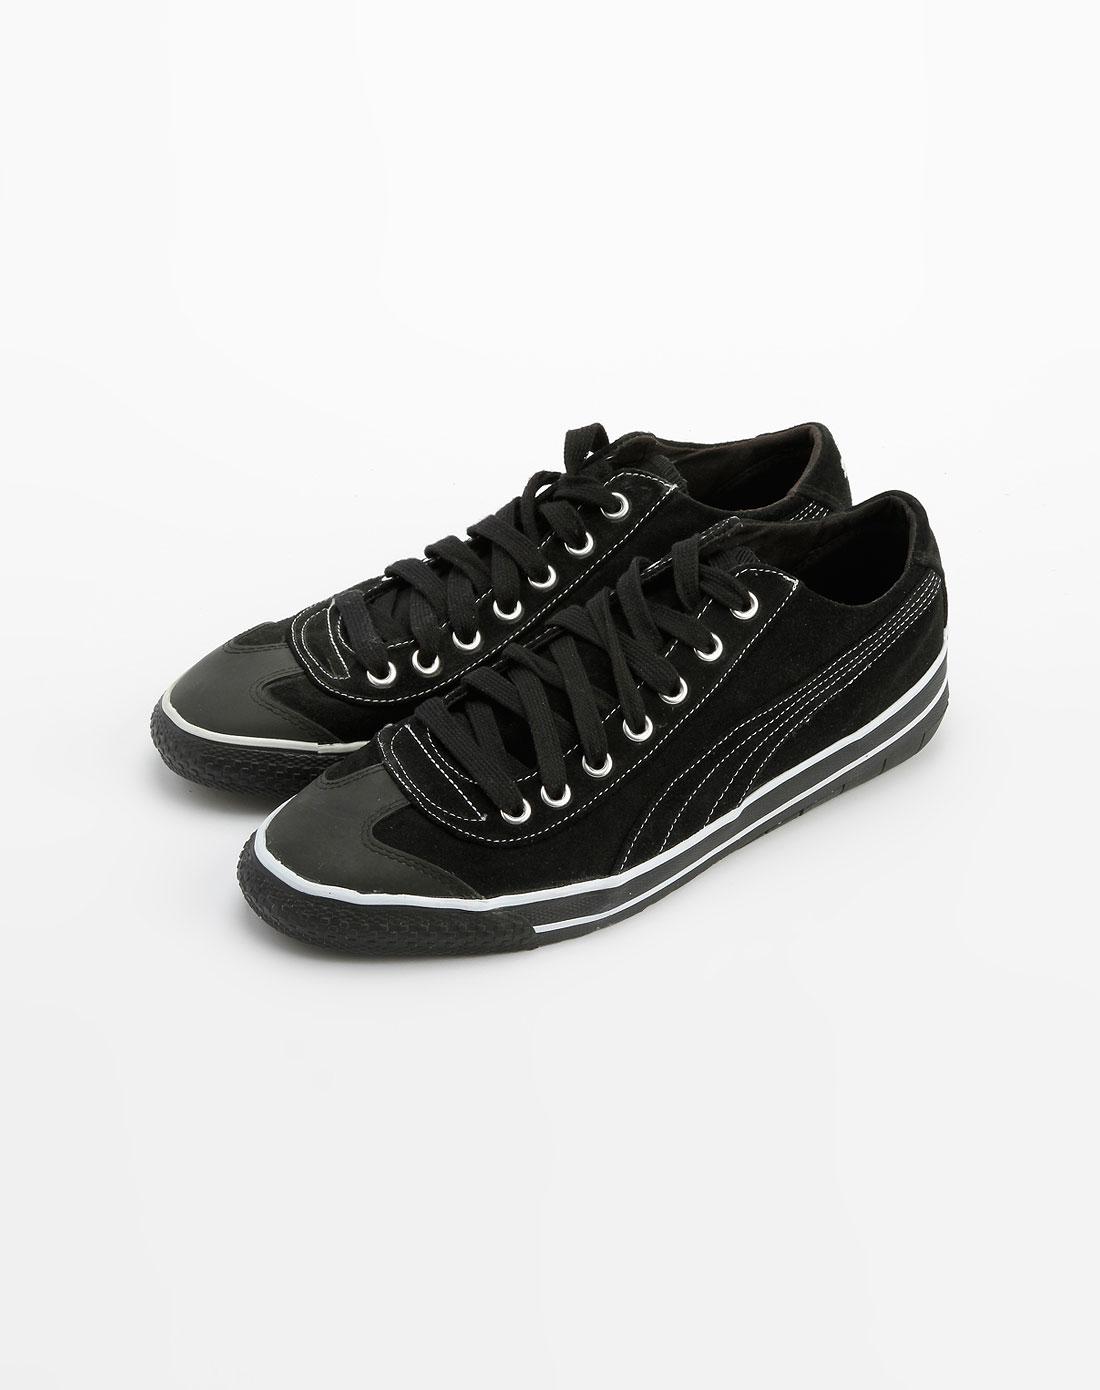 彪马puma黑/白色绑带帆布鞋35081601